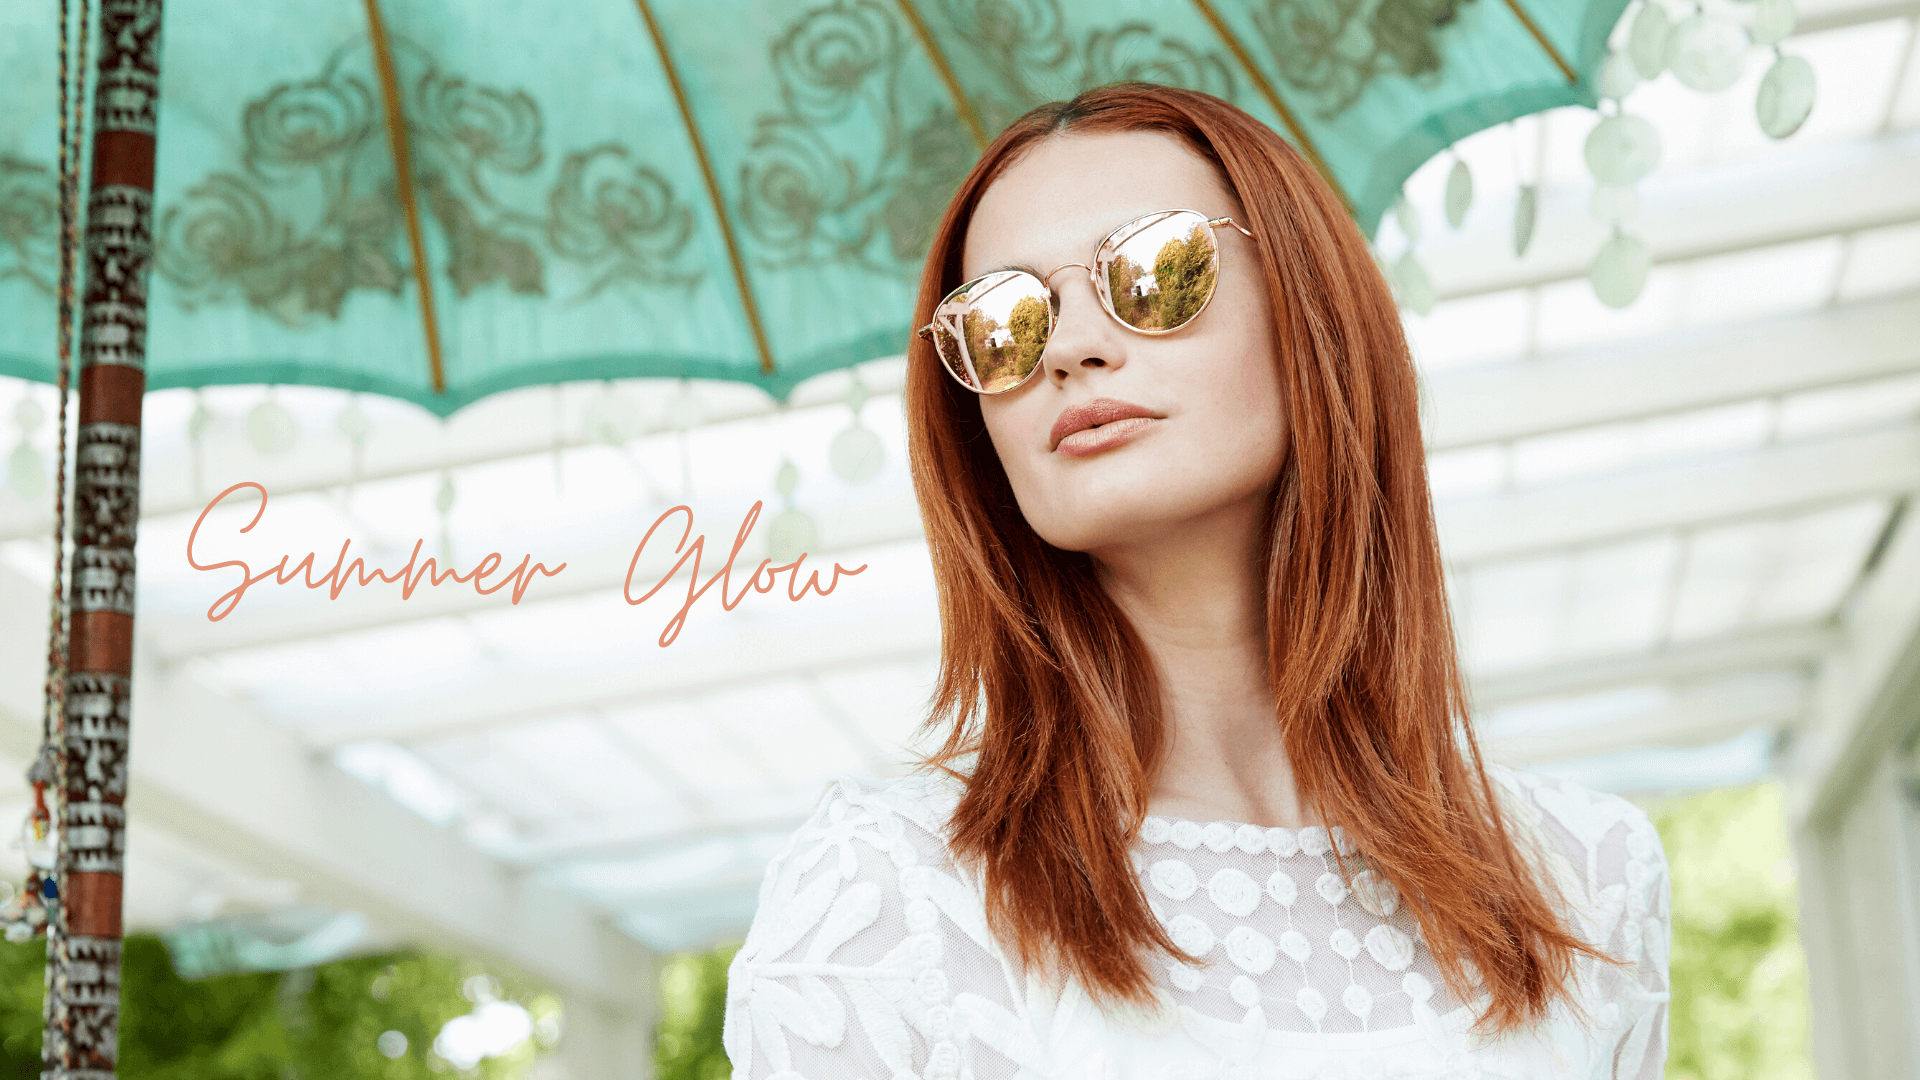 headerbild sonnenbrillen lookbook summer glow